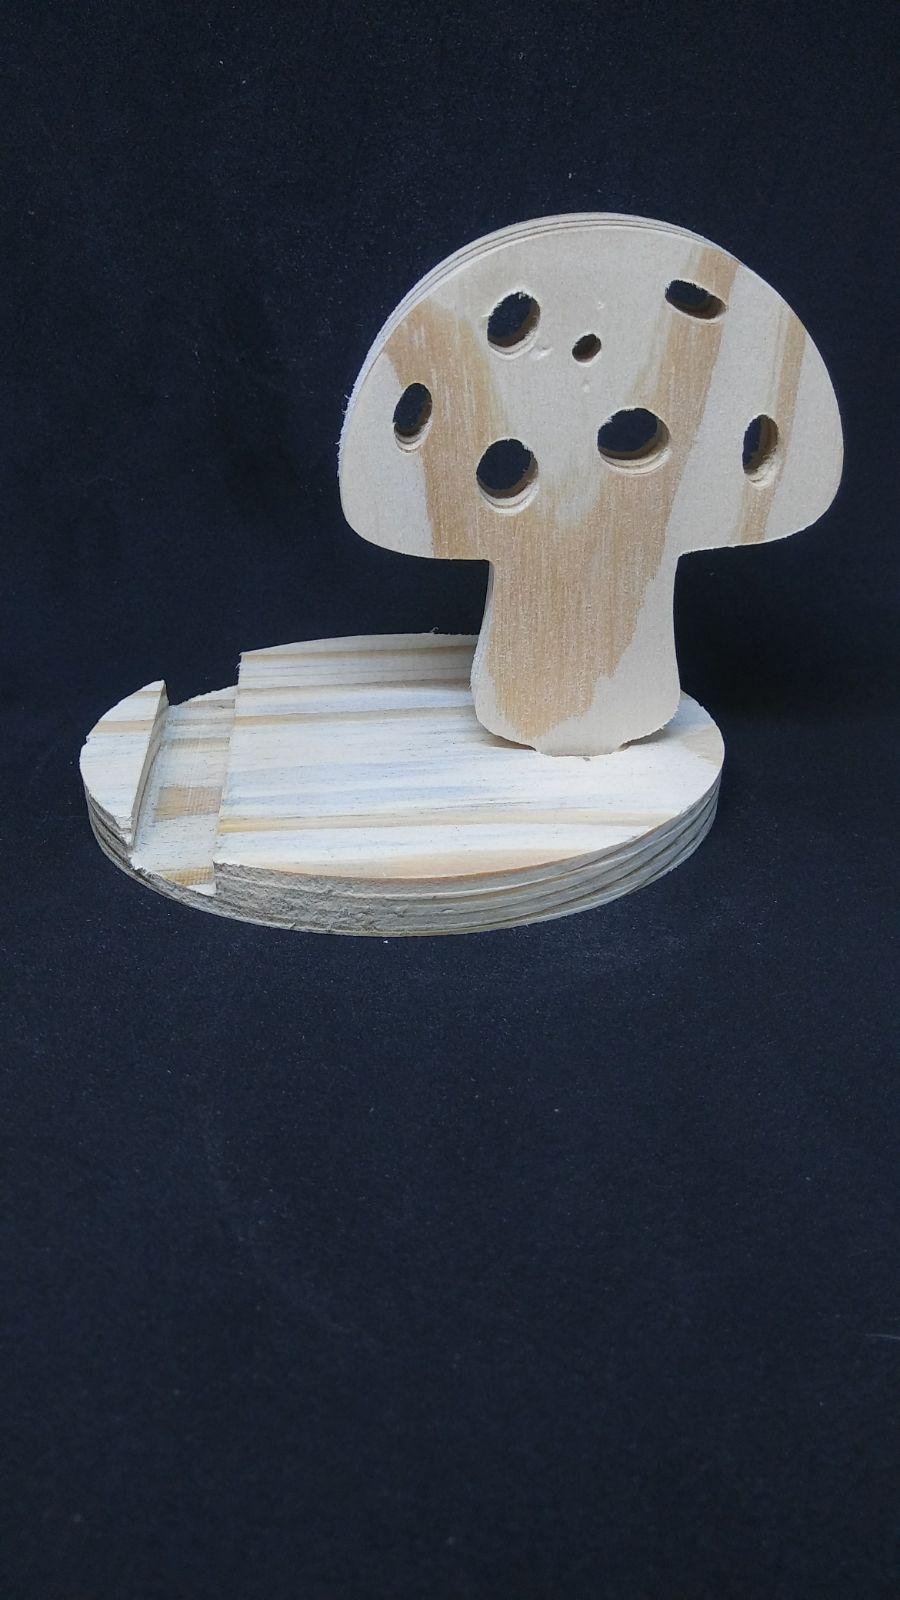 Wood Phone Stand - Mushroom